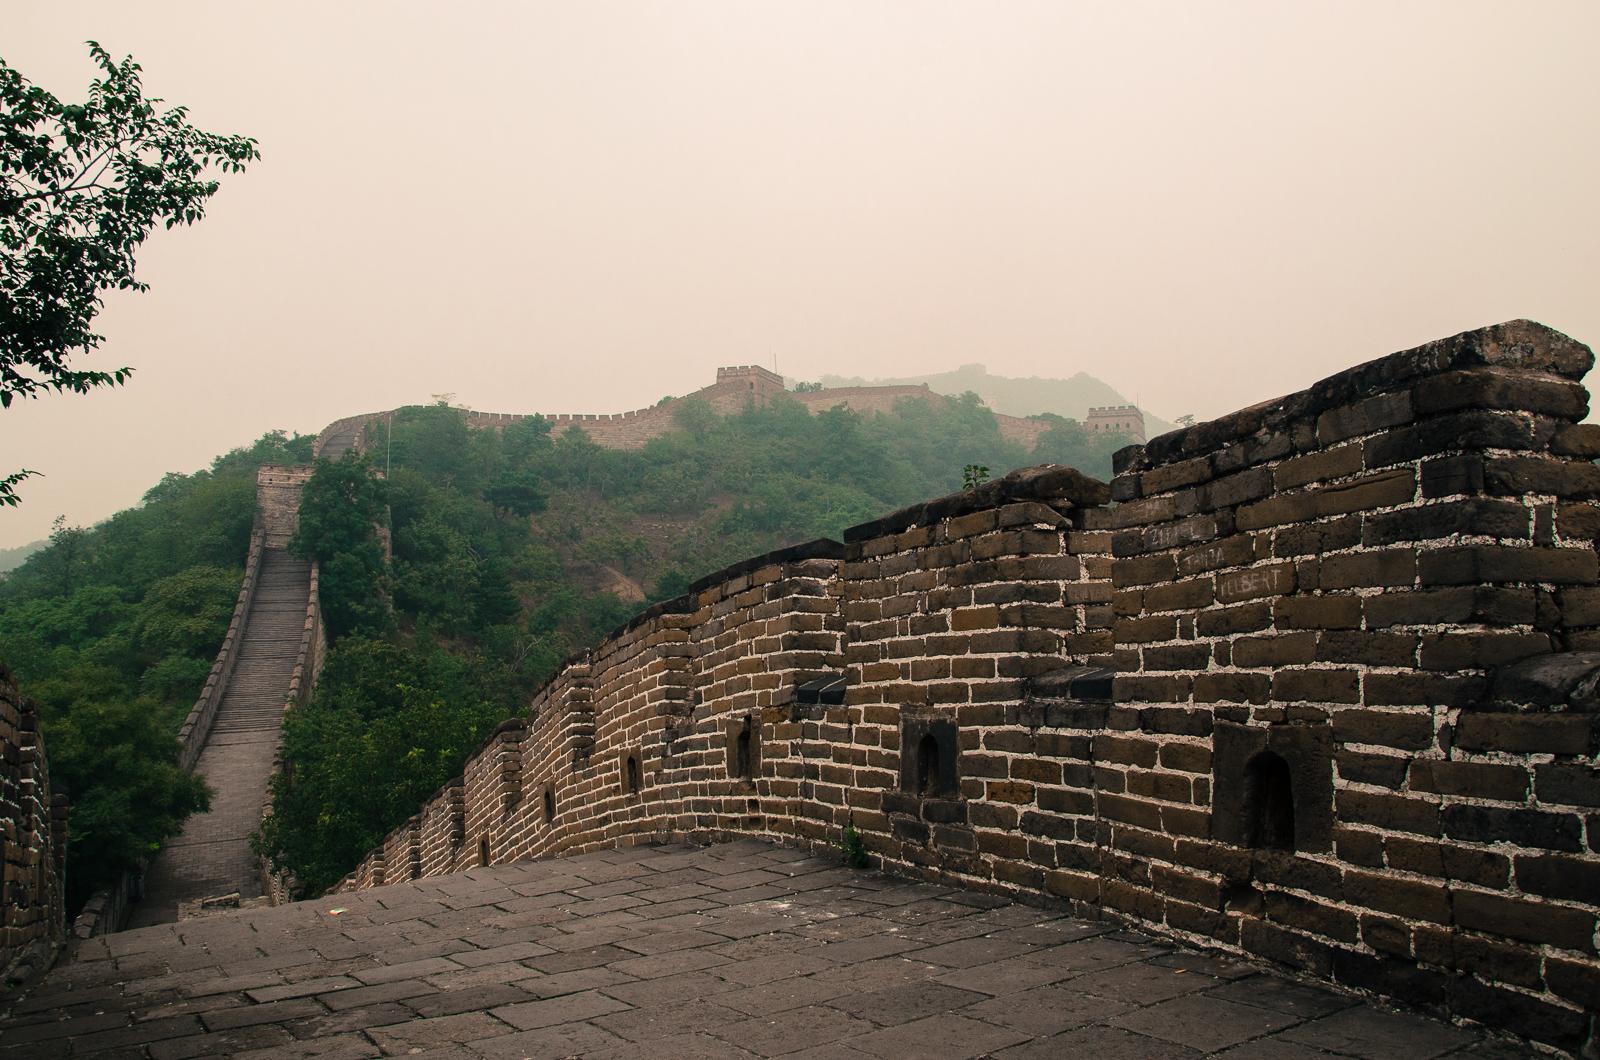 La Grande Muraille 长城